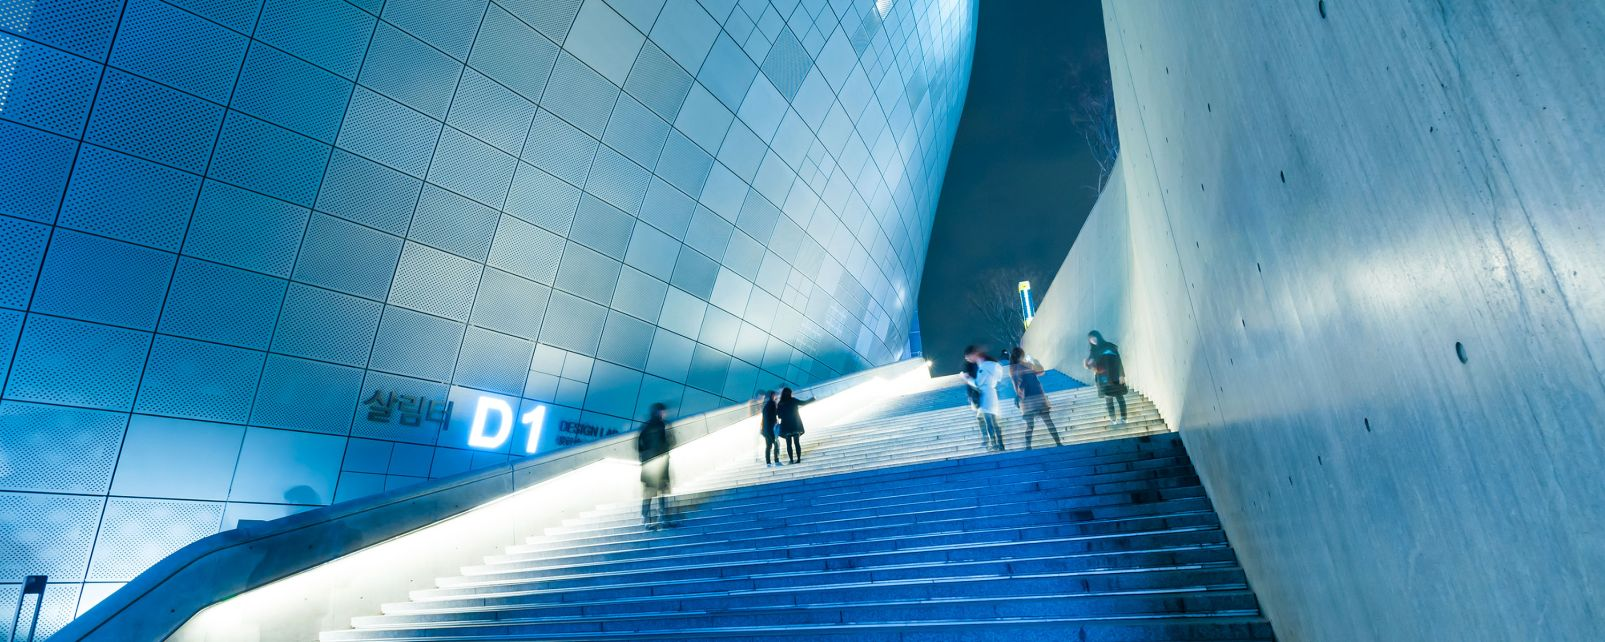 Las artes contemporáneas, Arte y cultura, Corea del Sur